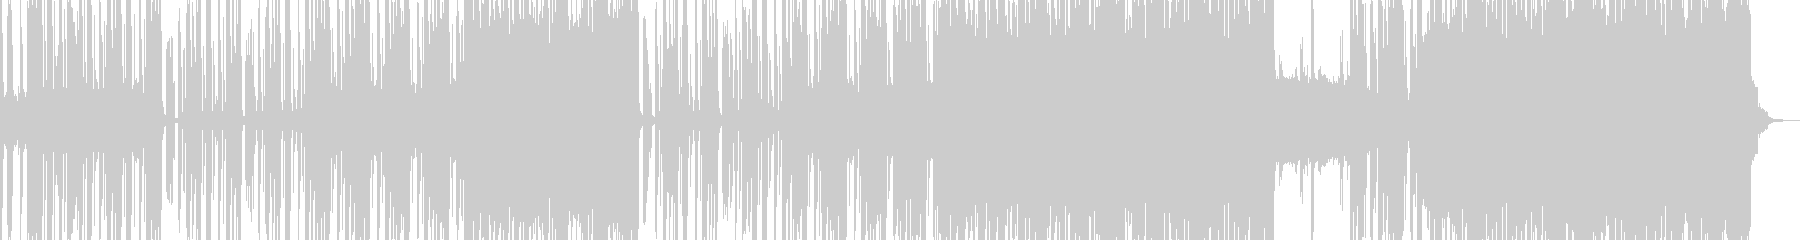 怪しげで恍惚なエスニックロック ボイス無の未再生の波形